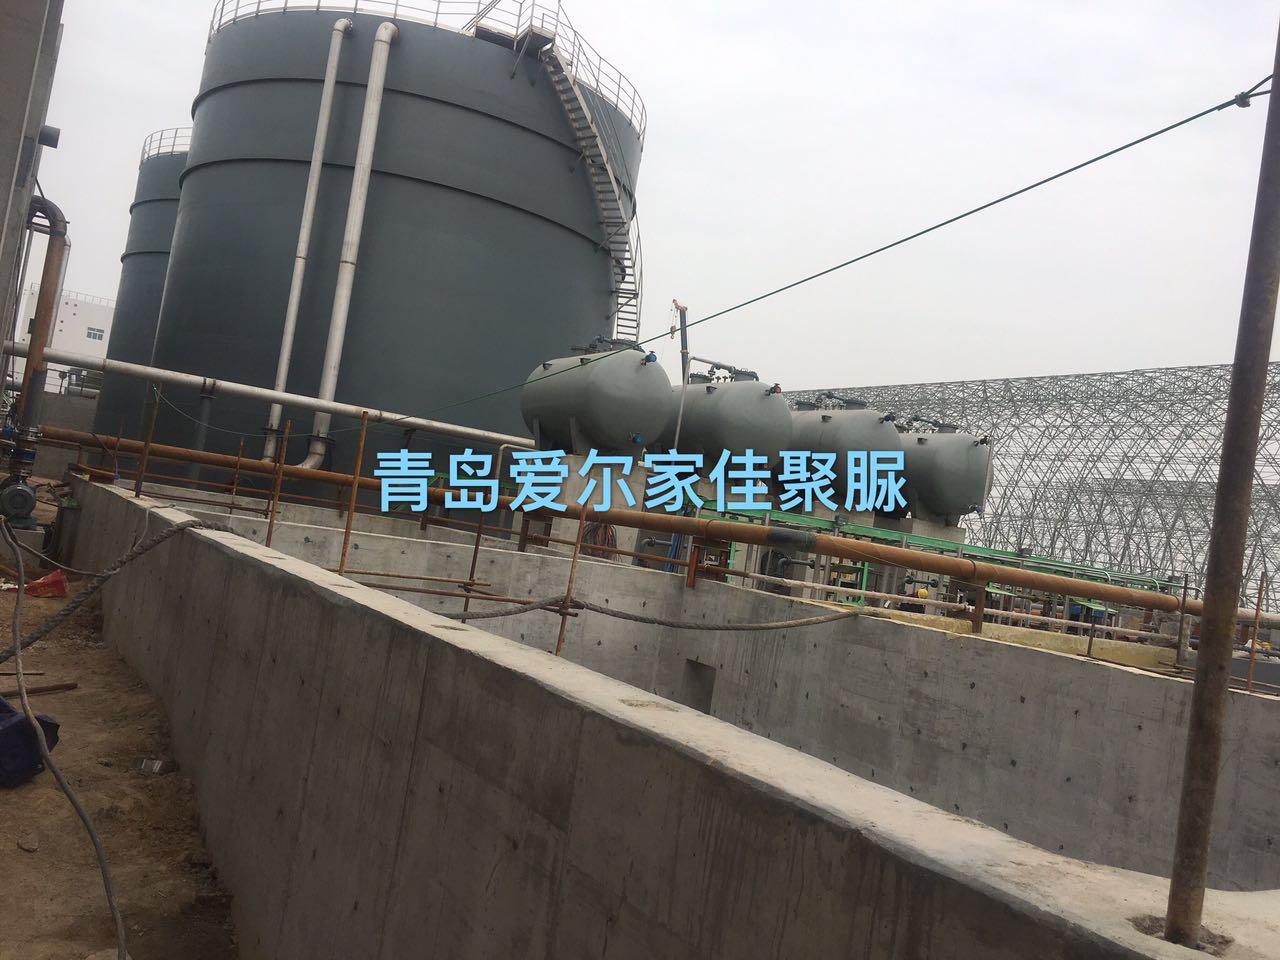 聚脲防腐应用之鲁西化工退城进园项目